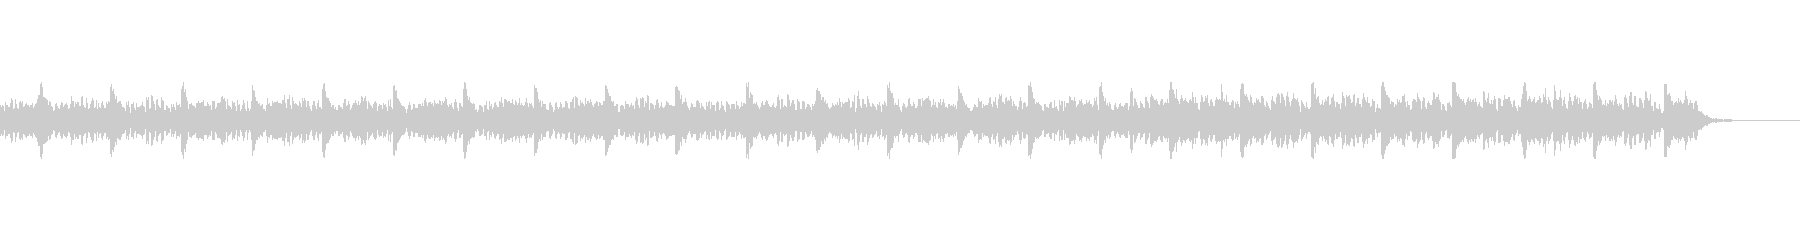 不穏な雰囲気のピアノ曲03の未再生の波形